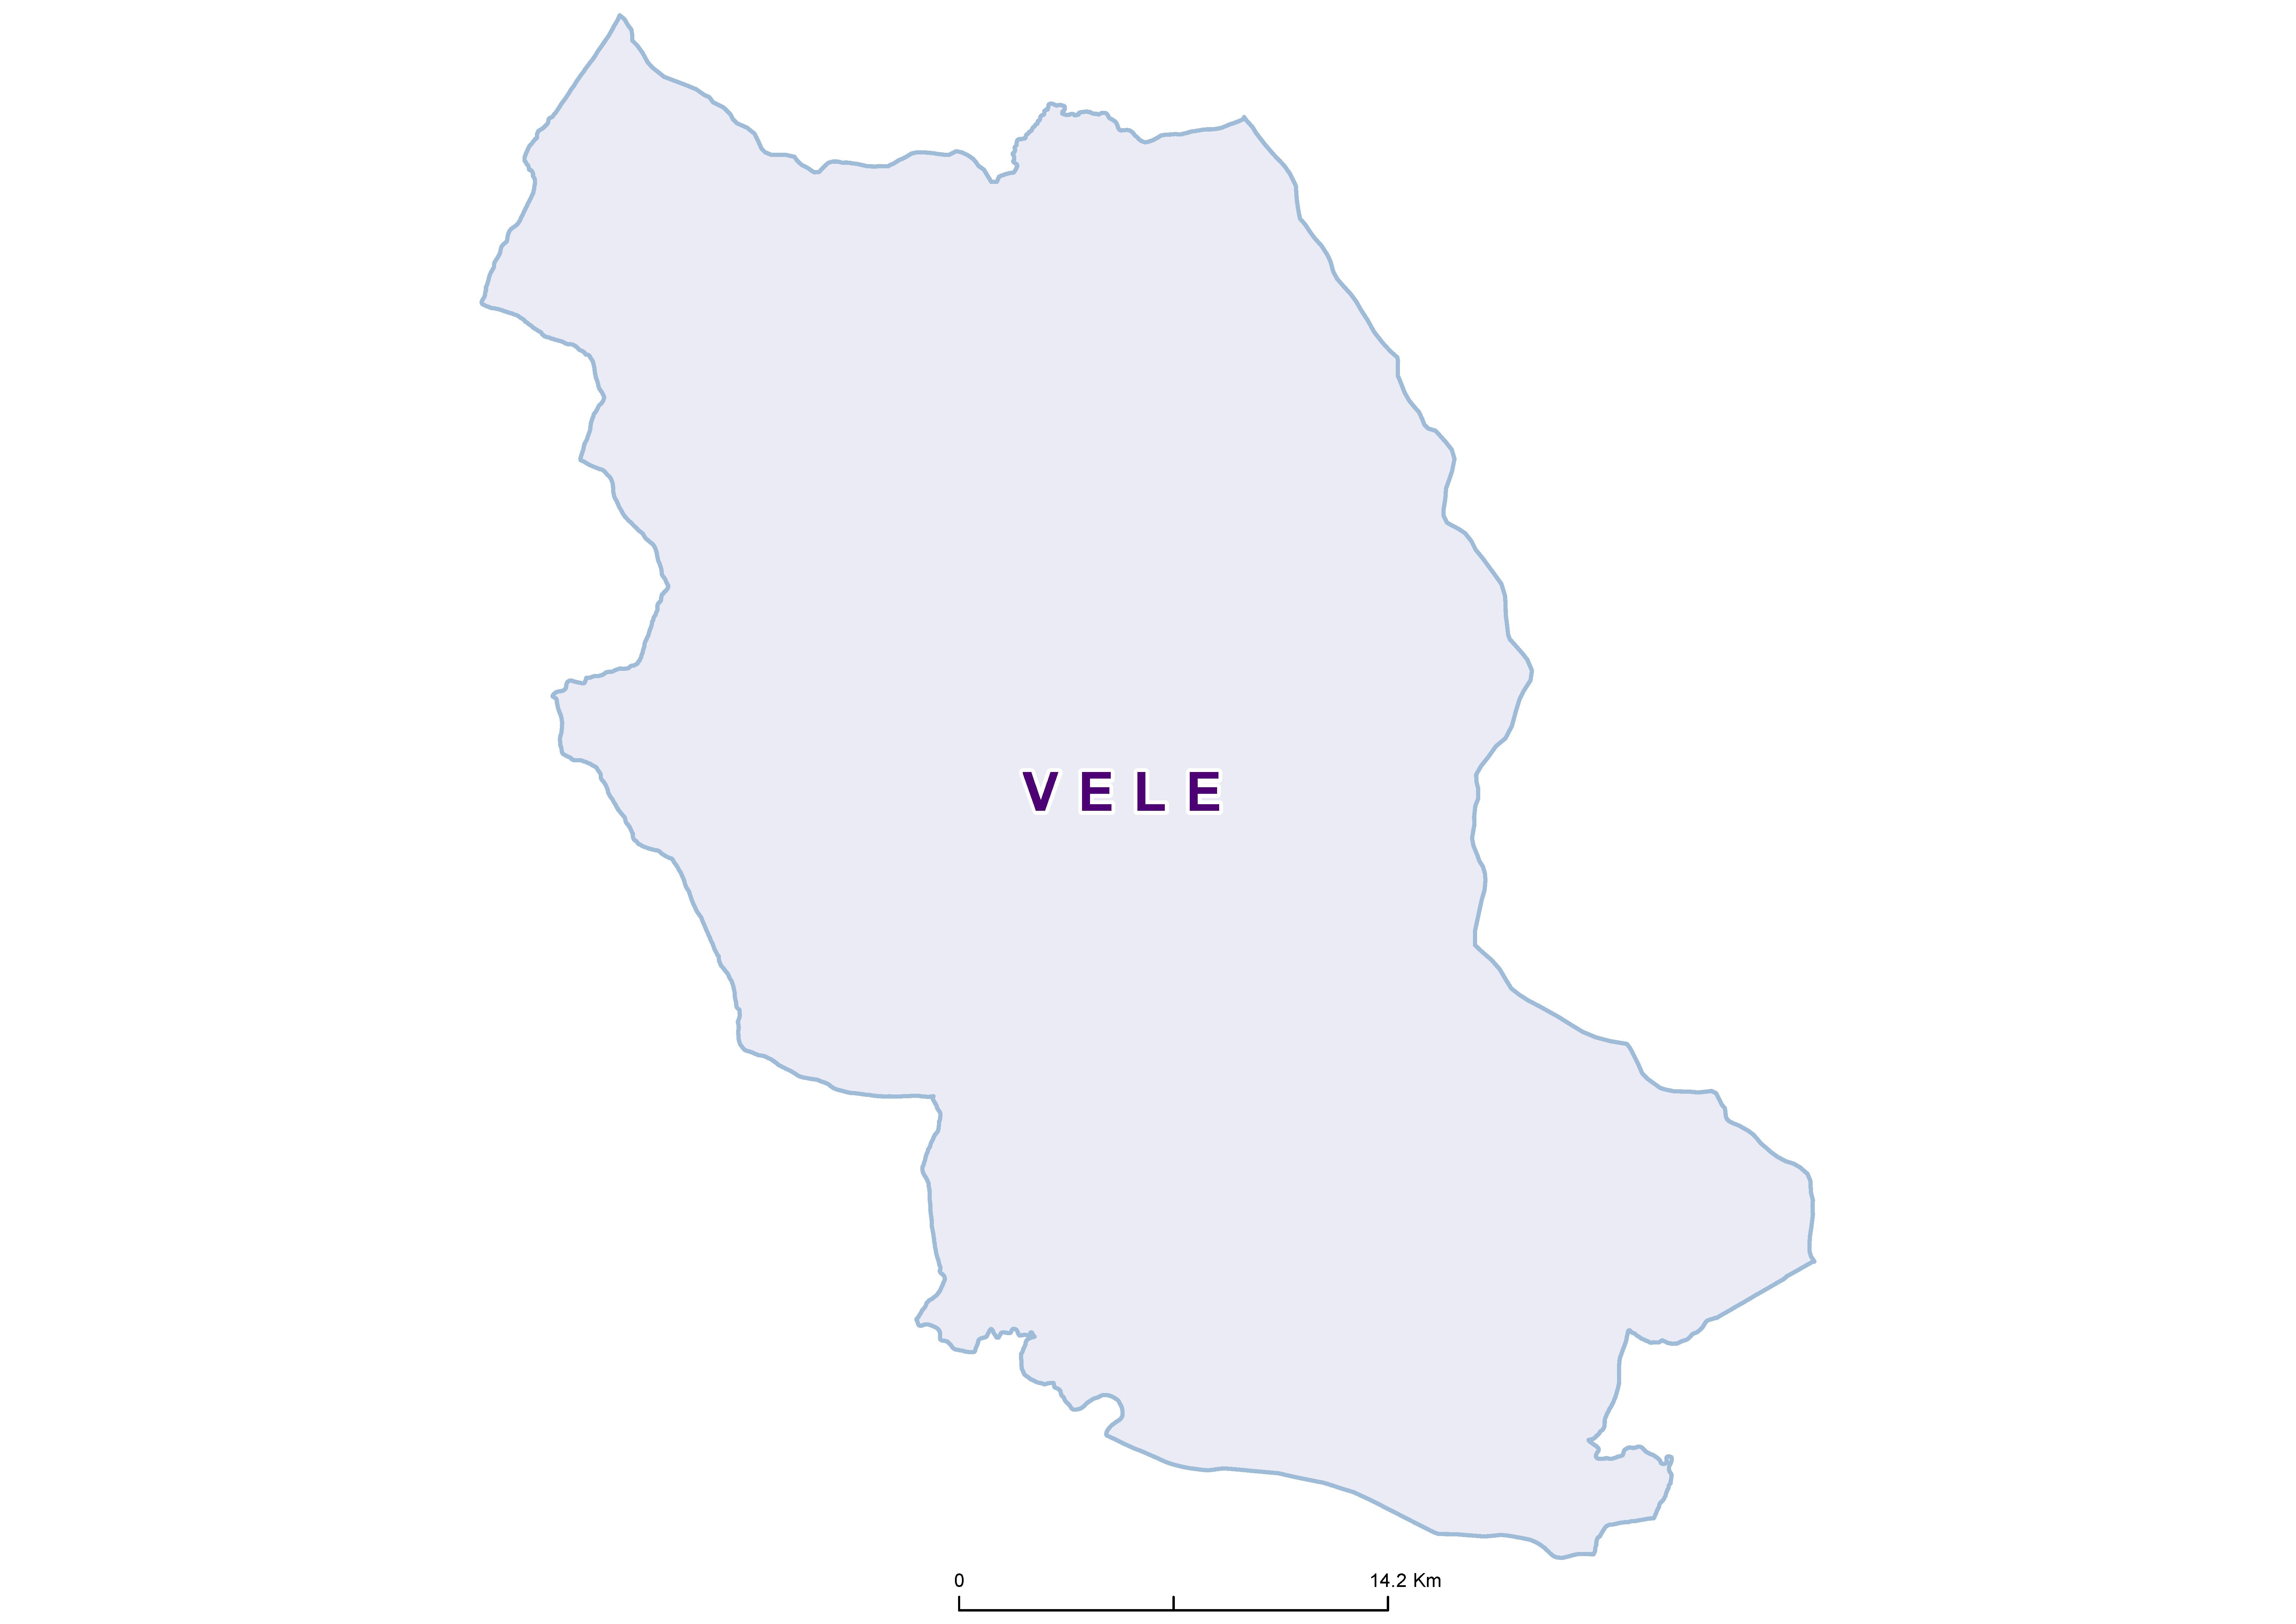 Vele Mean SCH 20180001